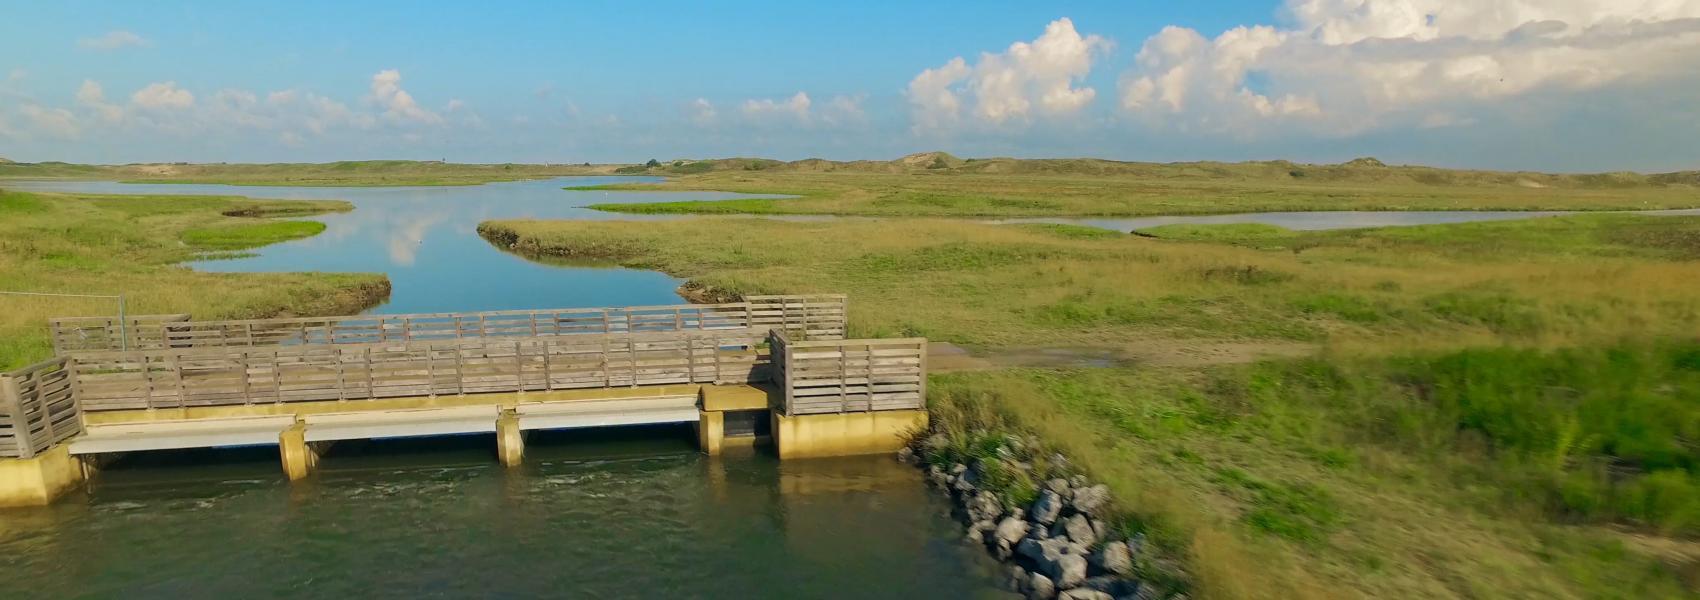 brugje over het water